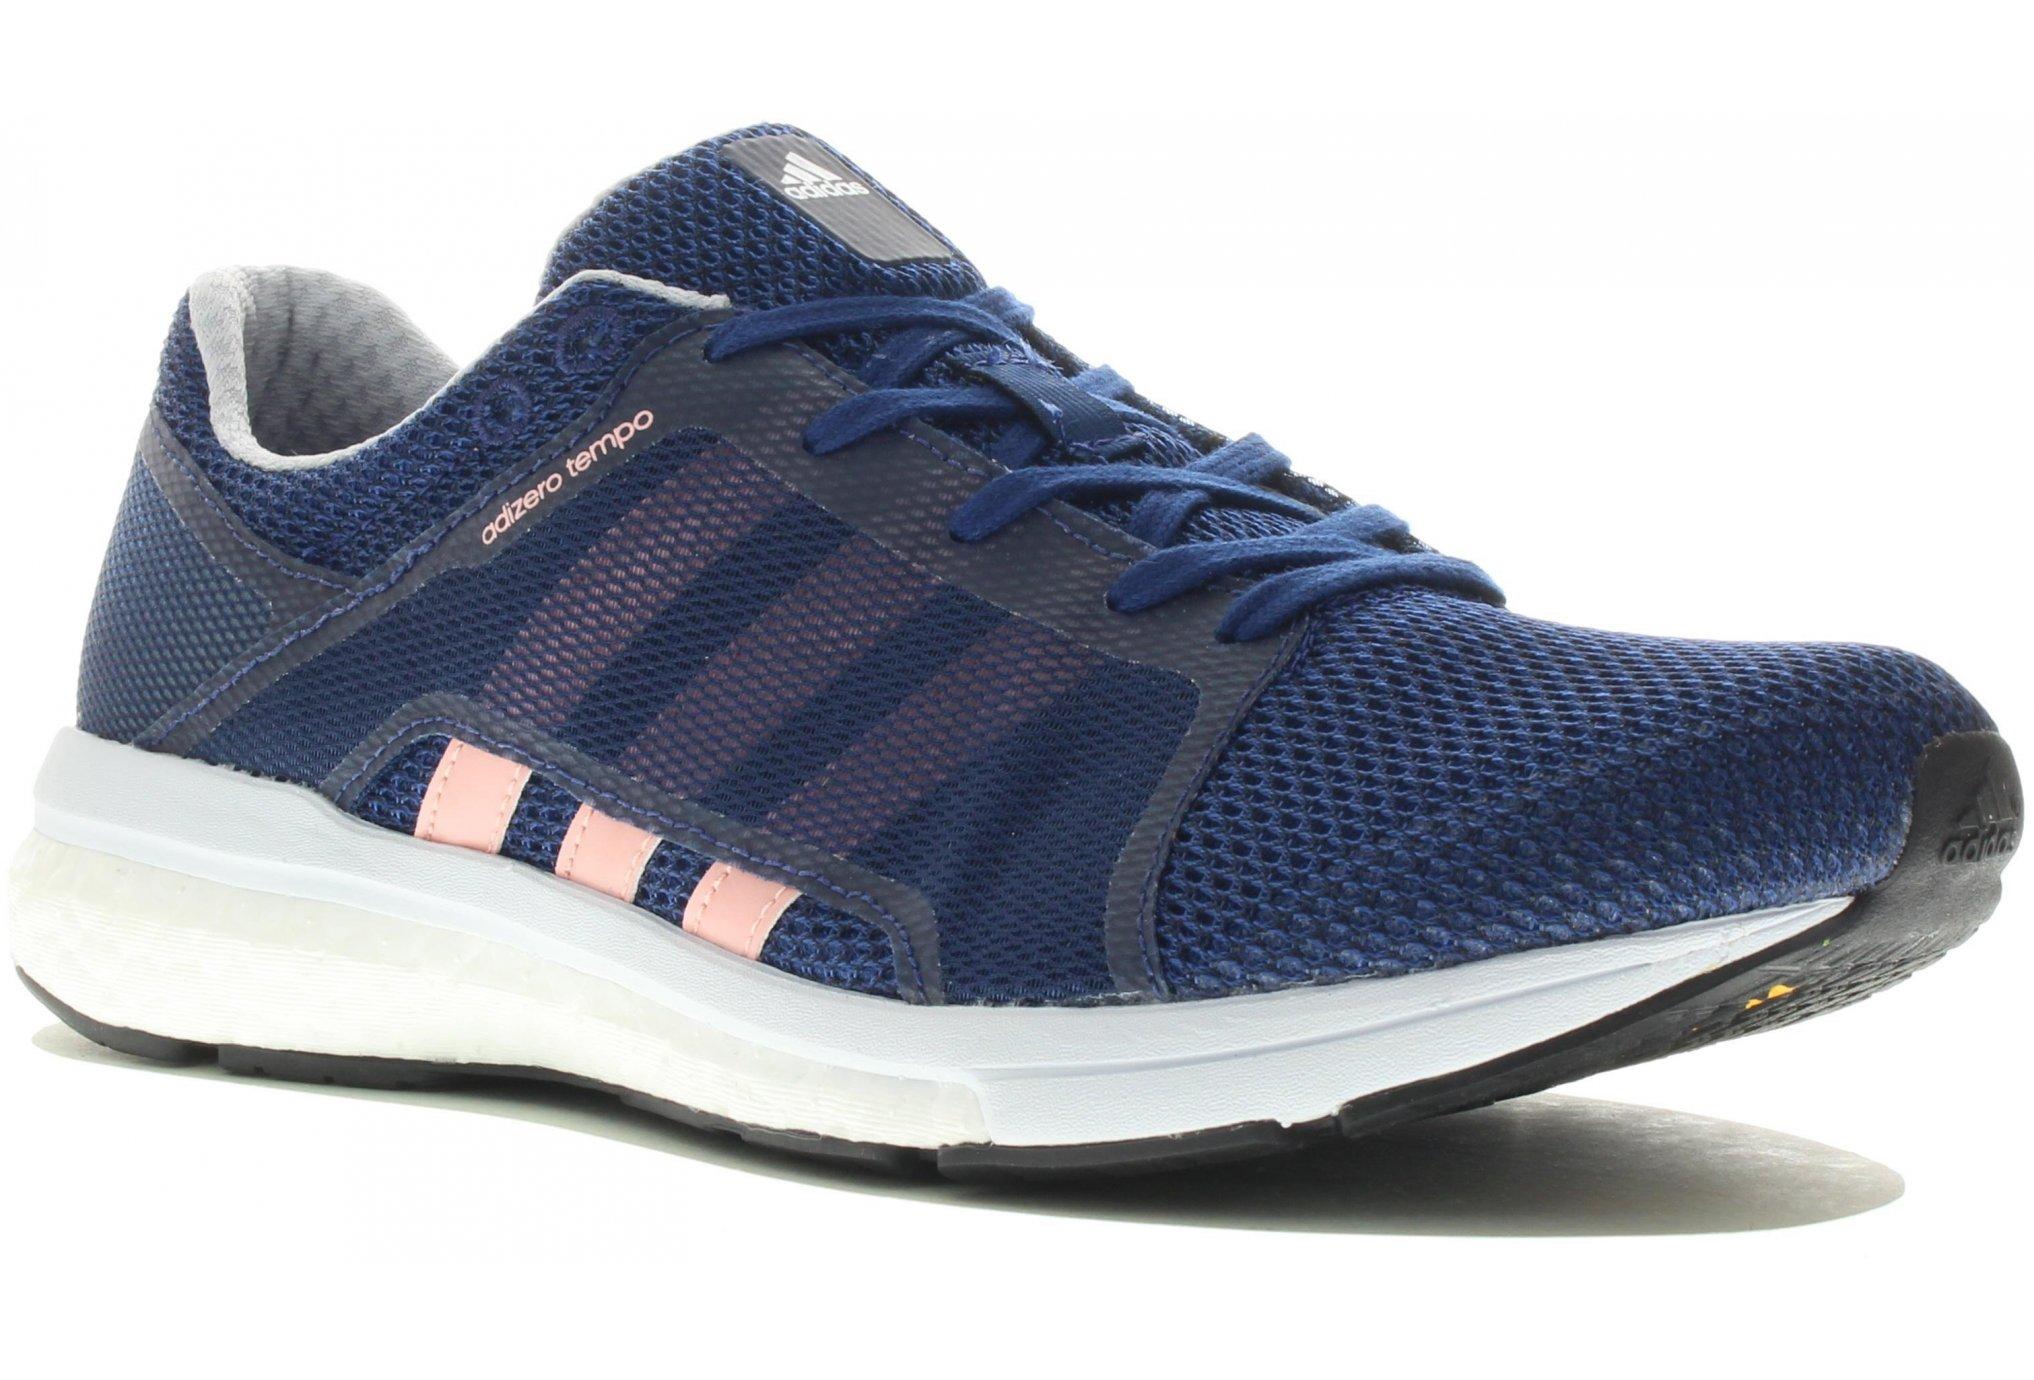 Adidas Adizero tempo 8 w diététique chaussures femme